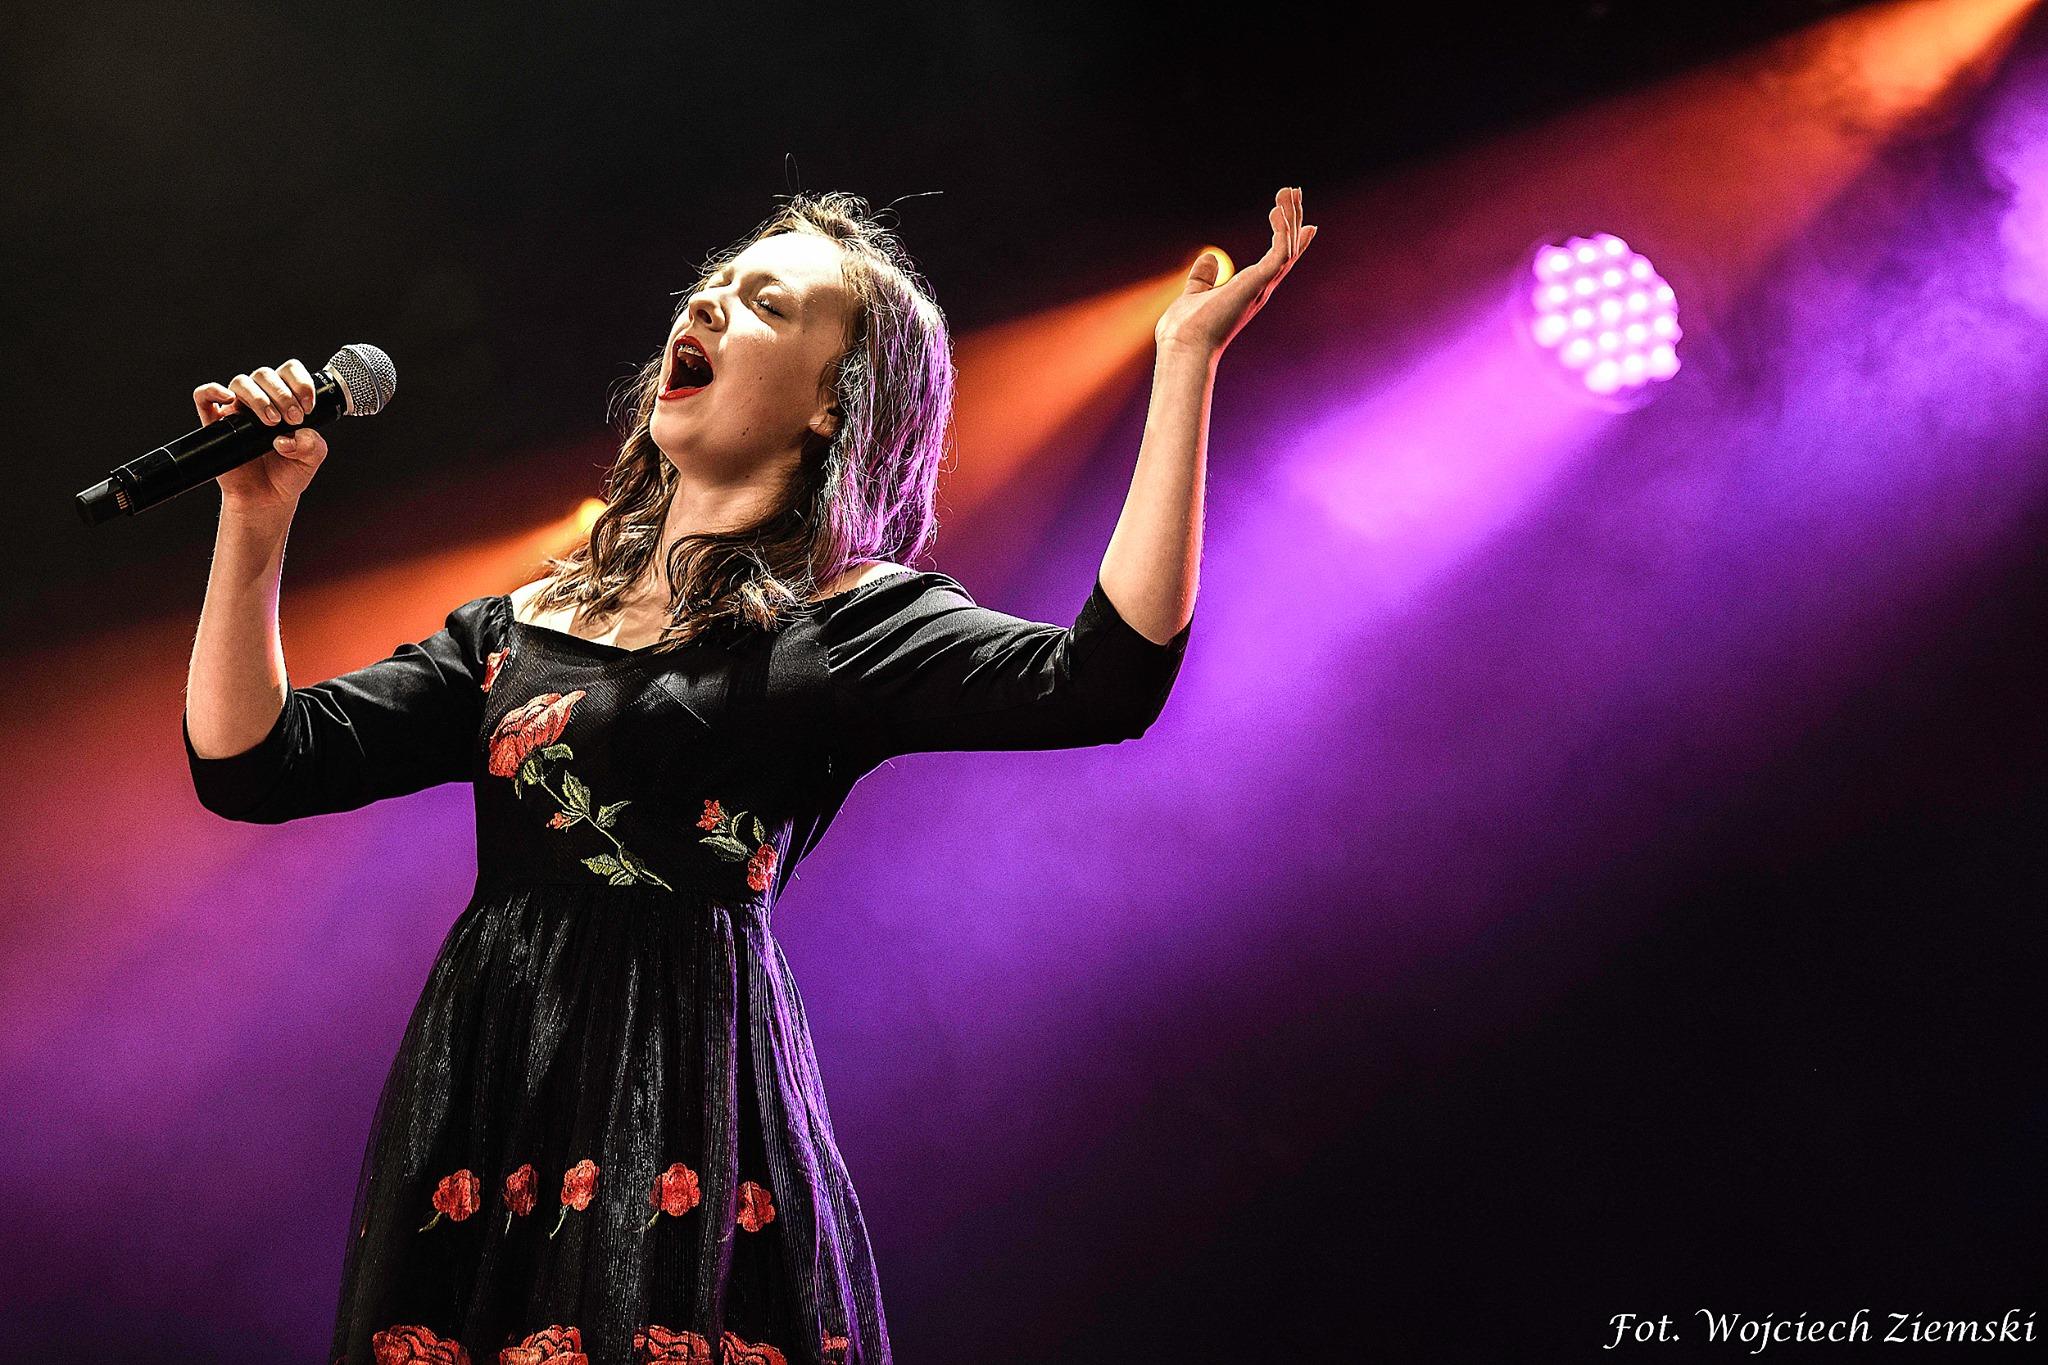 Sukcesy młodych wokalistów na Festiwalu w Ślesinie - foto: Wojciech Ziemski